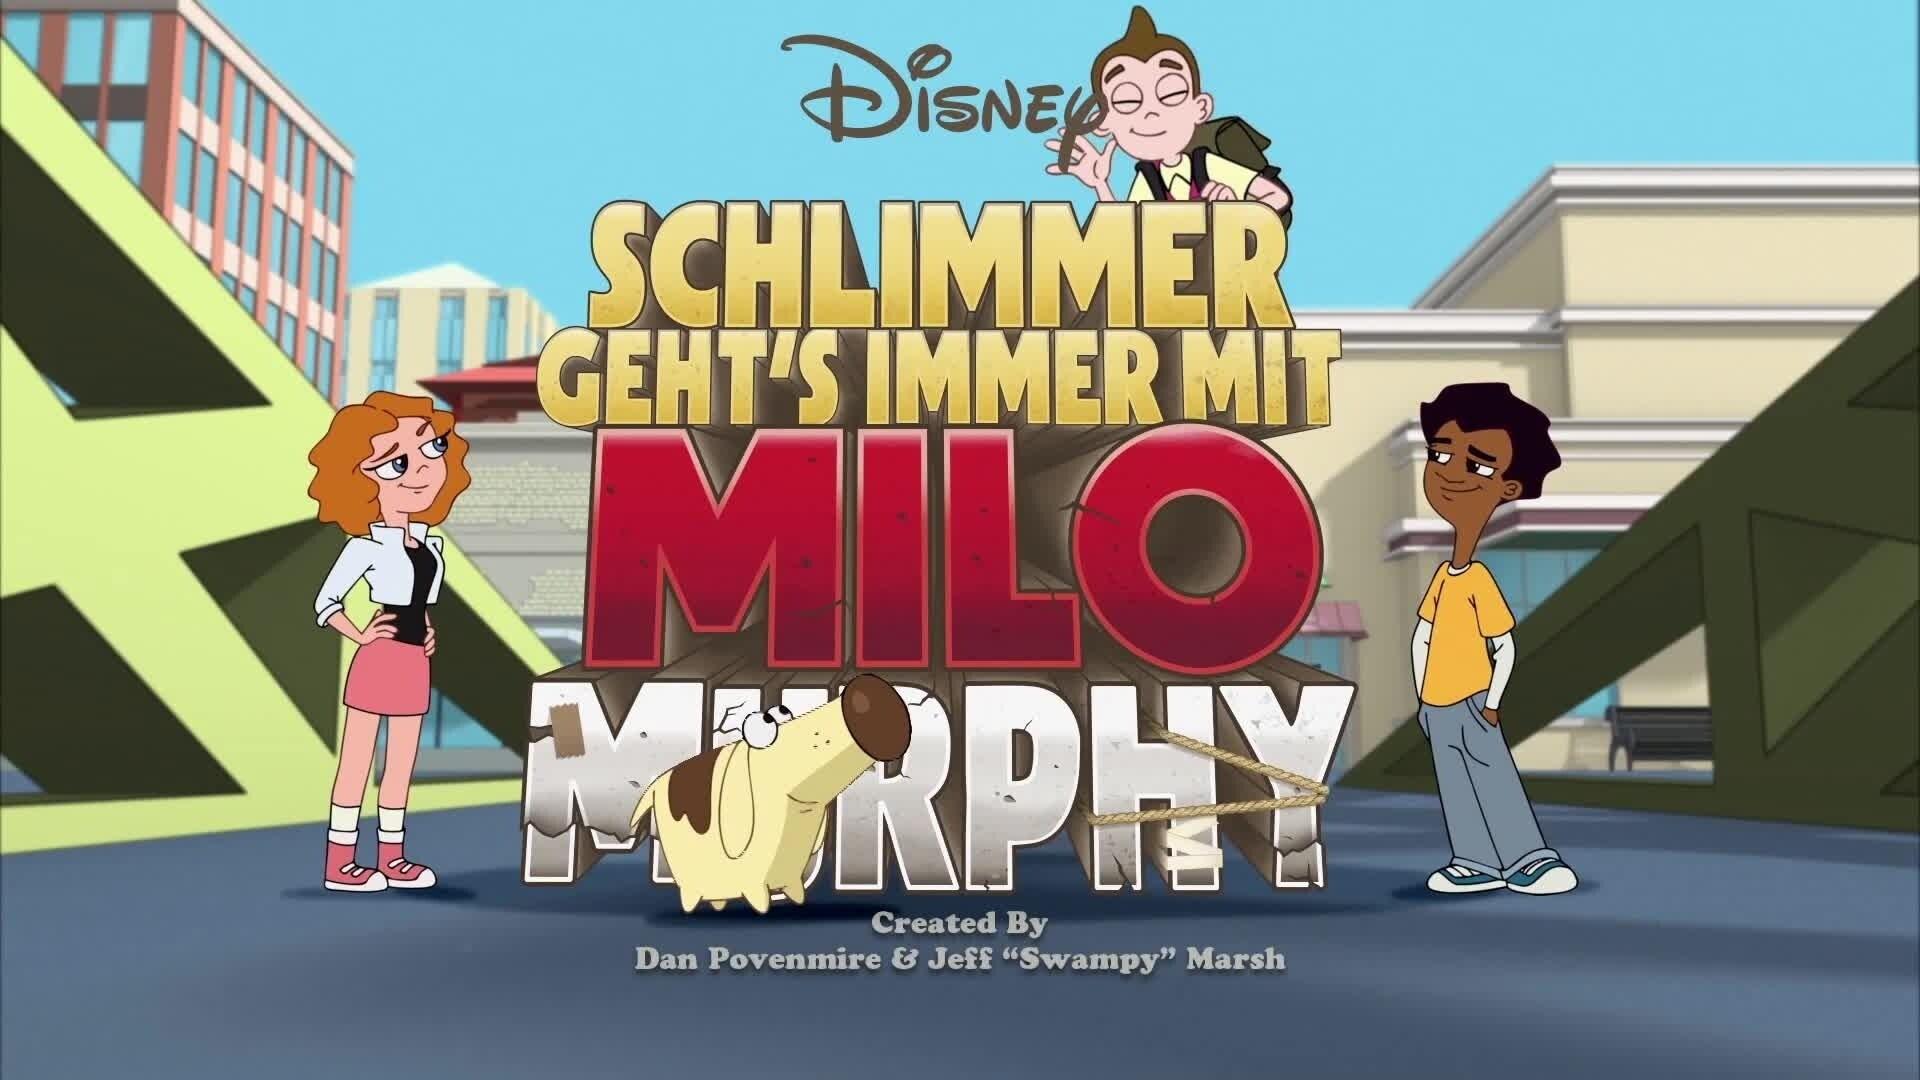 Schlimmer geht's immer mit Milo Murphy - Schnee-Alarm!/Ein ungleiches Paar